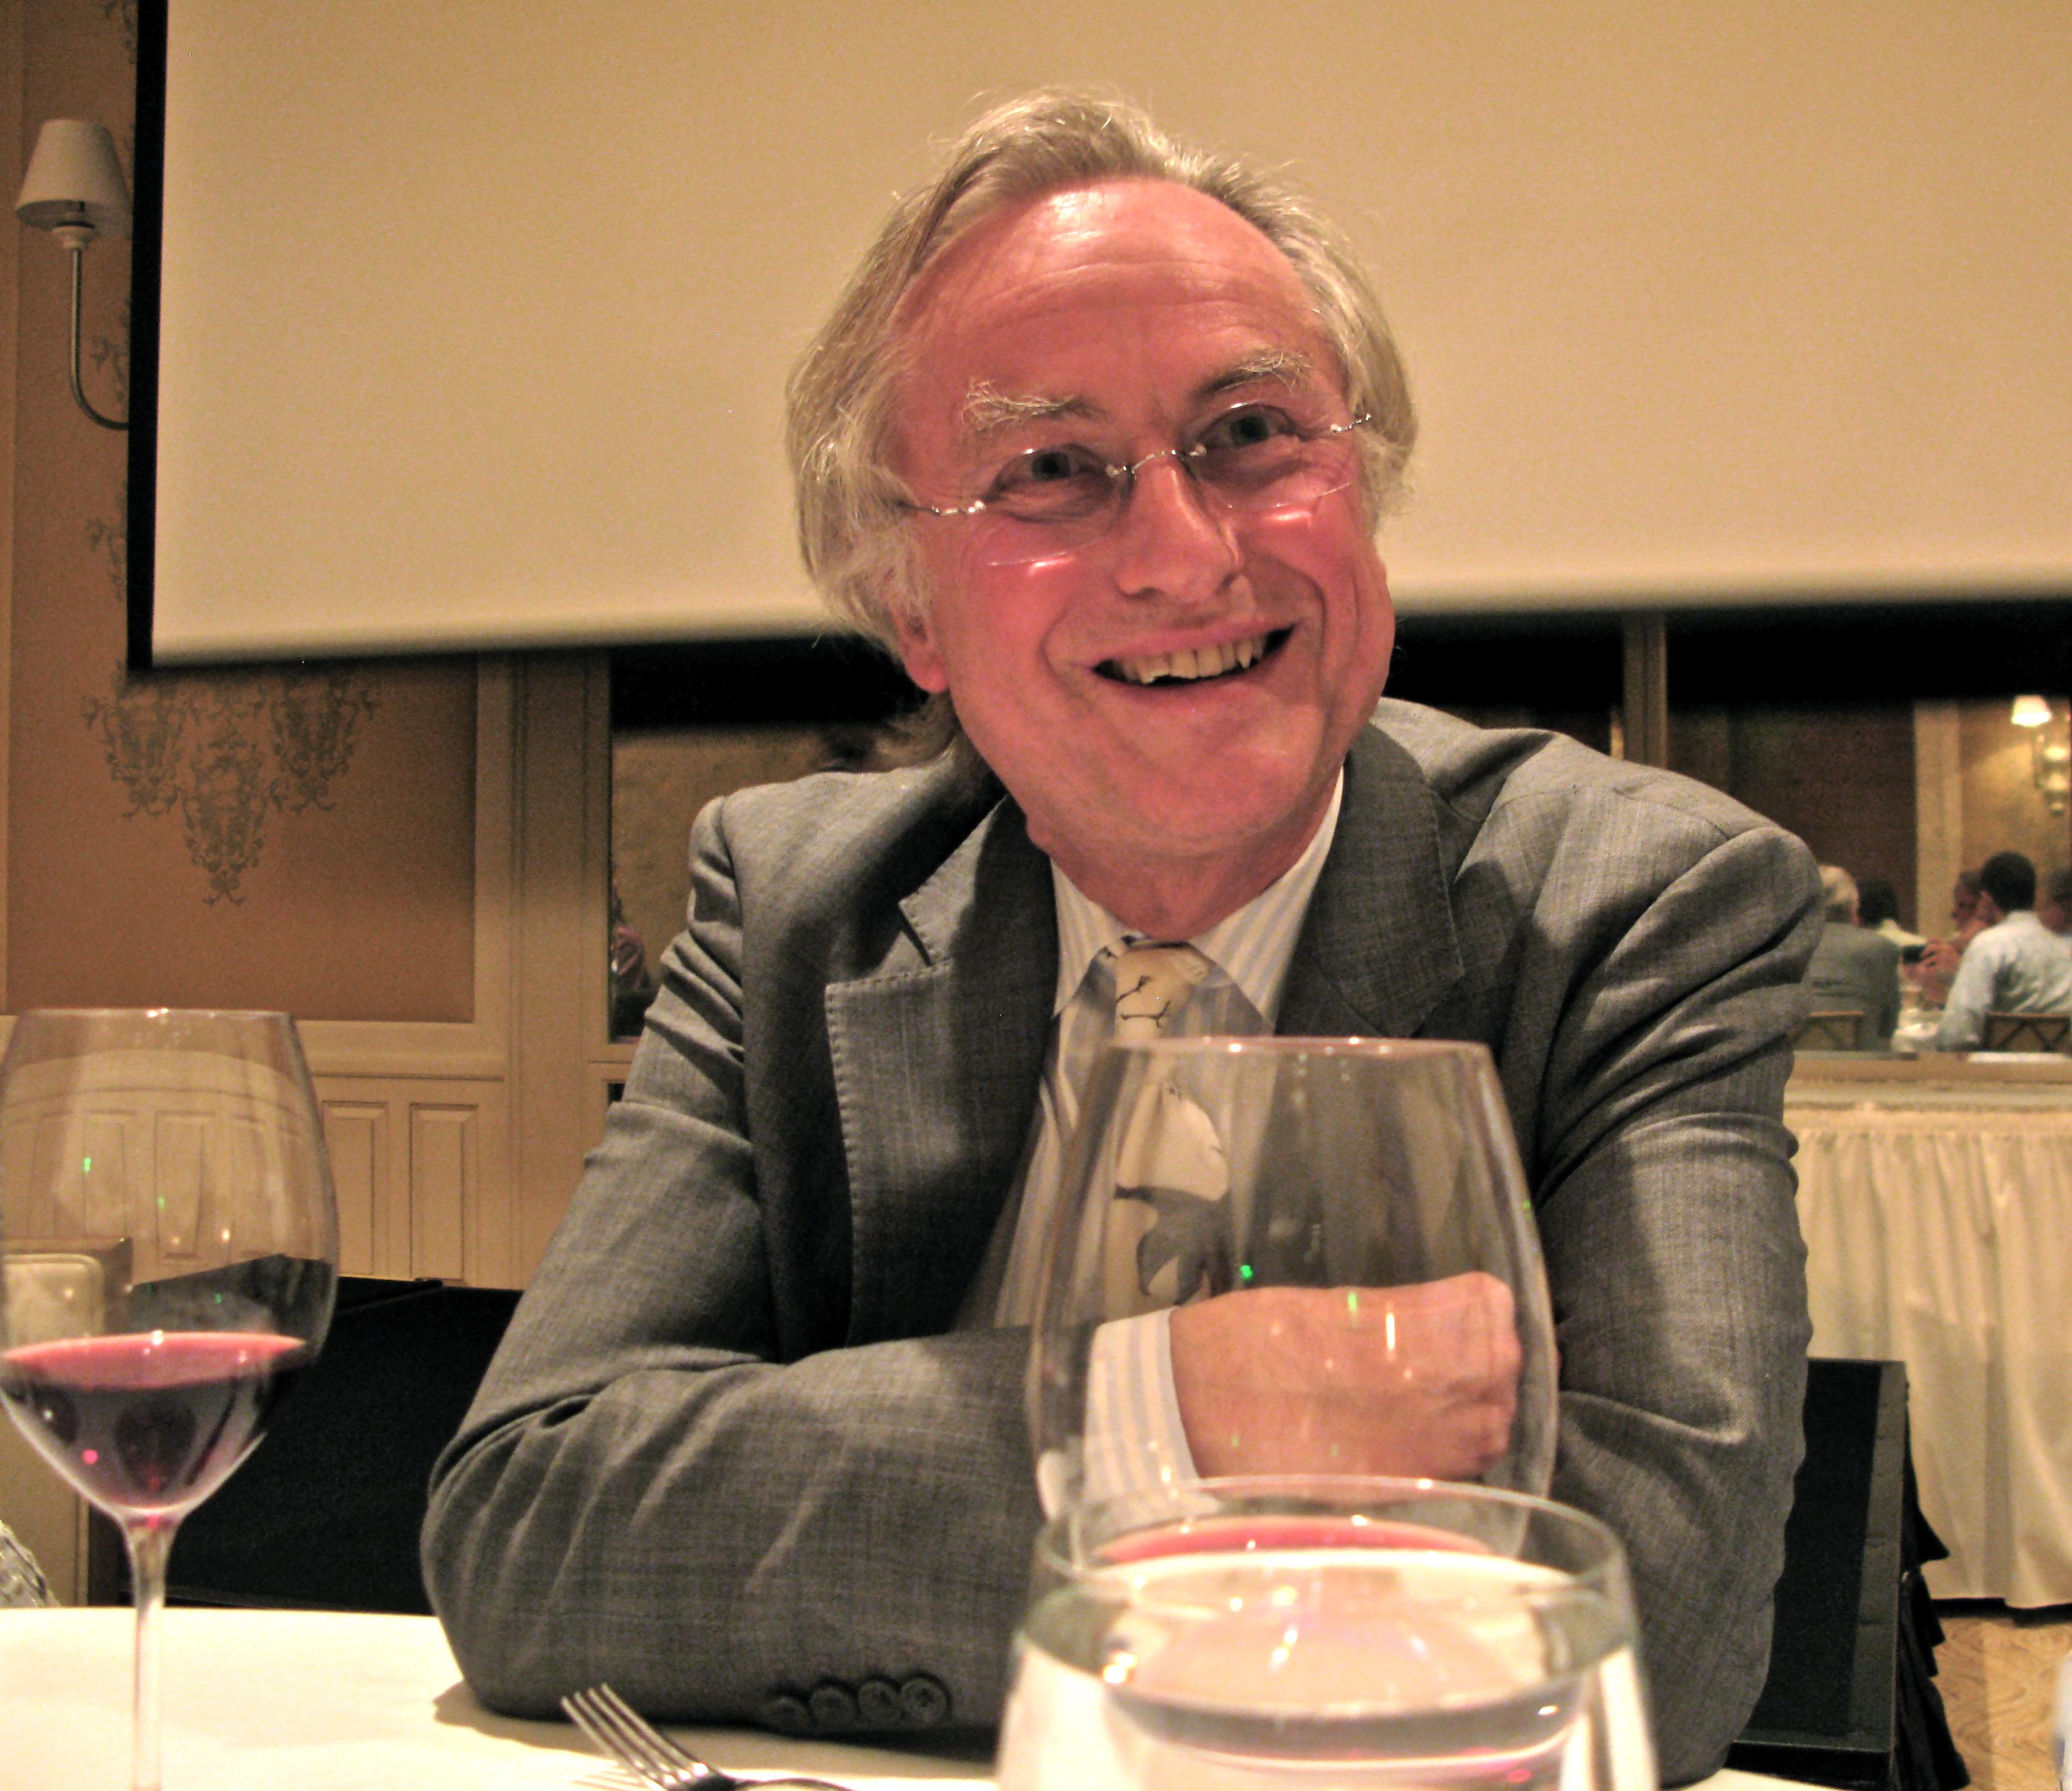 filedinner with dawkins jurvetsonjpg wikimedia commons